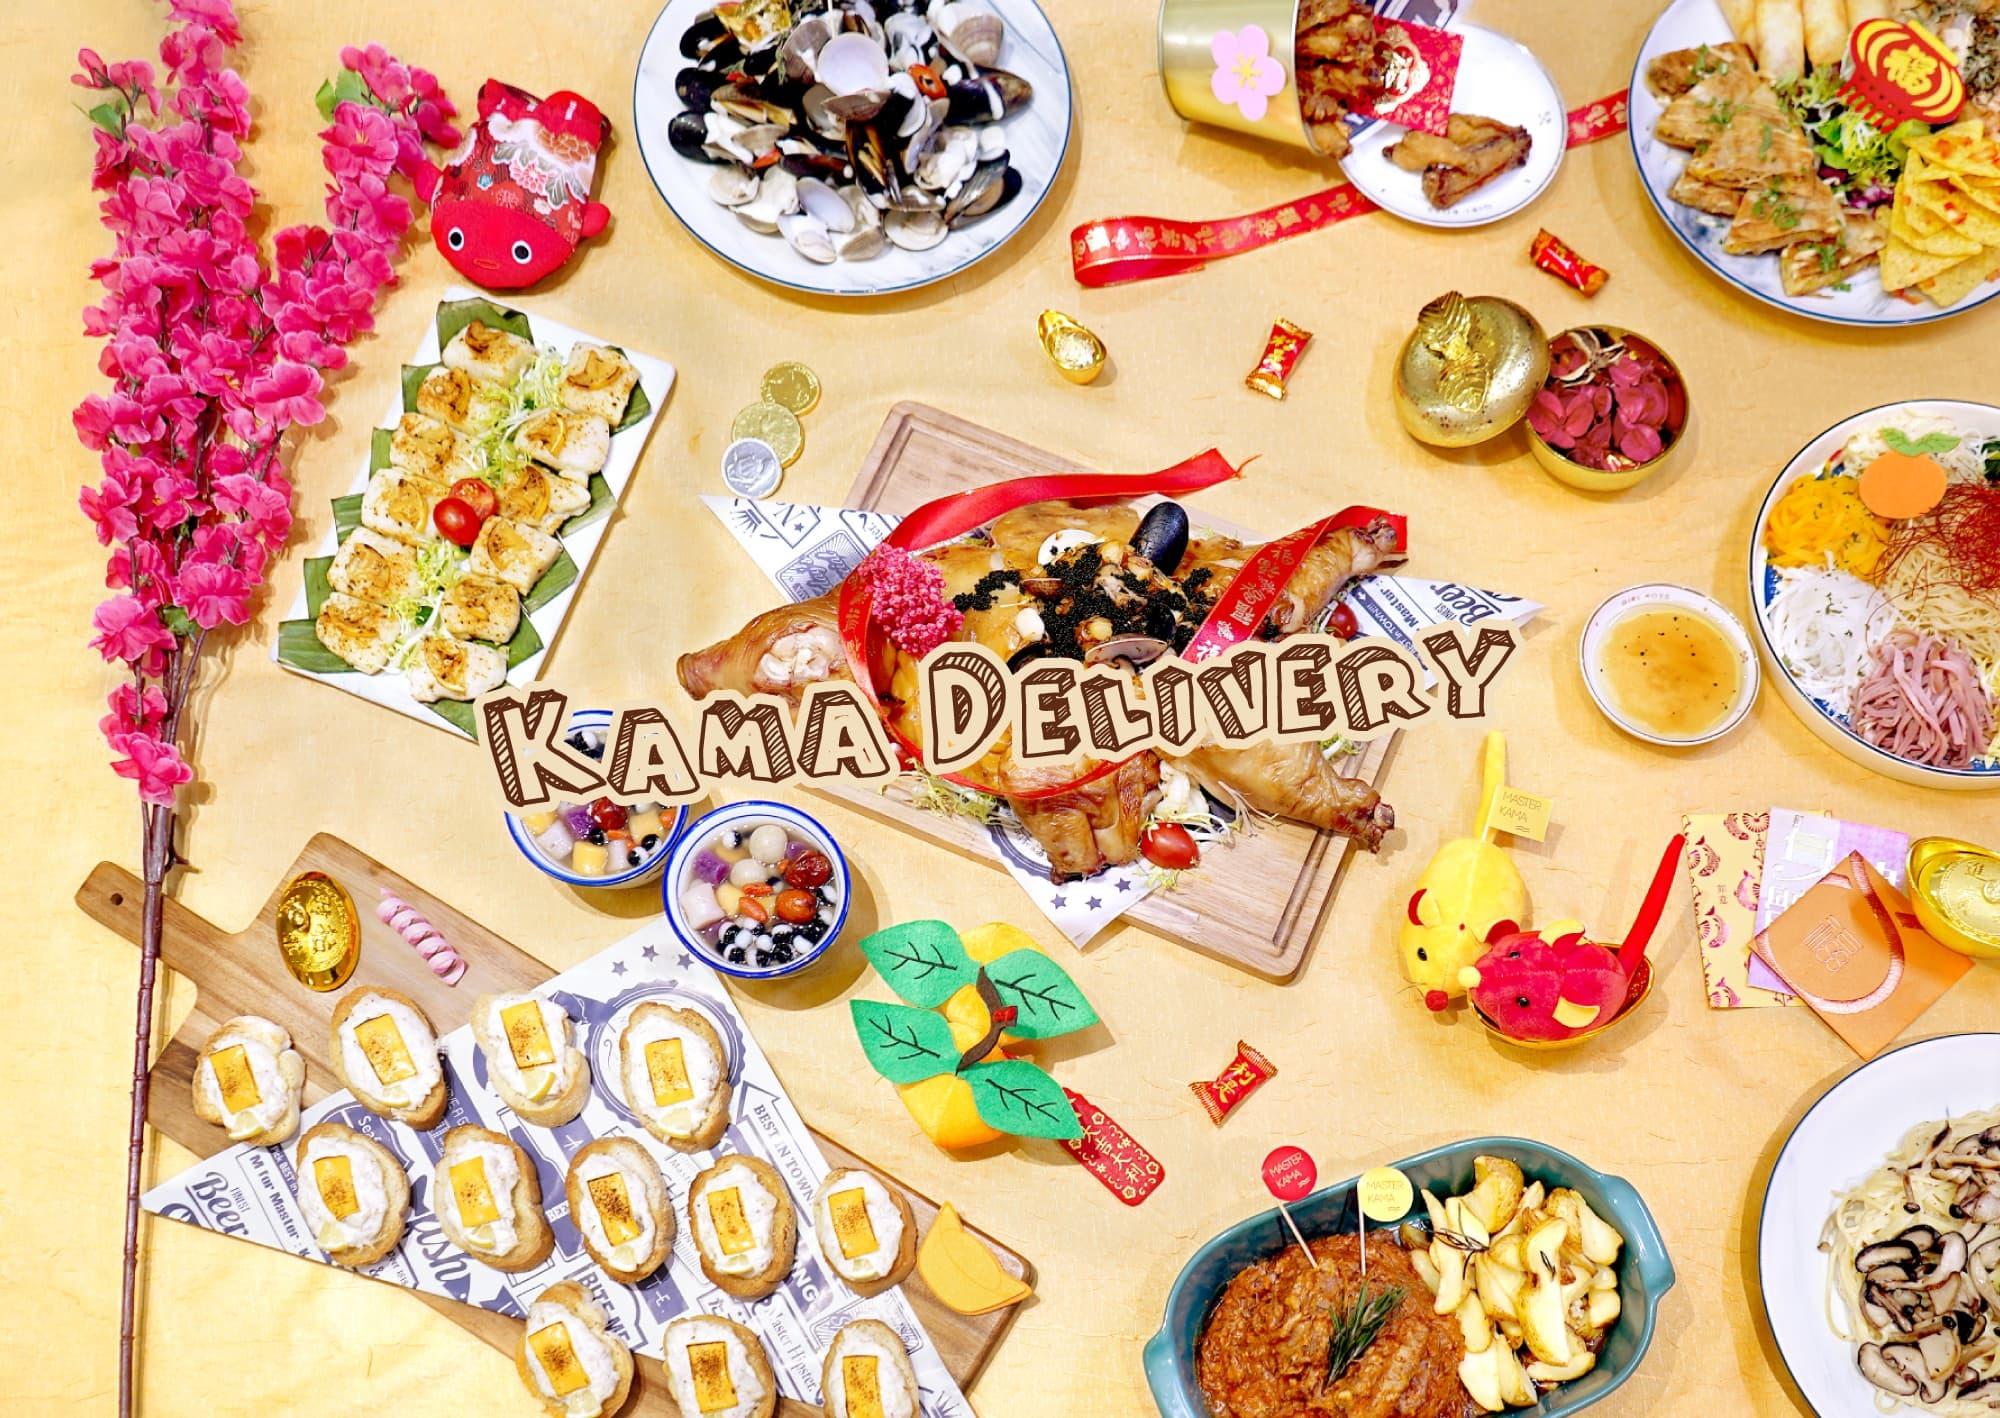 Kama Delivery提供多款新春到會外賣套餐,主打西式及中西Fusion賀年菜式,適合於團年飯、拜年飯、春茗、開年飯、團拜、年夜飯等場合享用,並專享免運費等各種優惠。